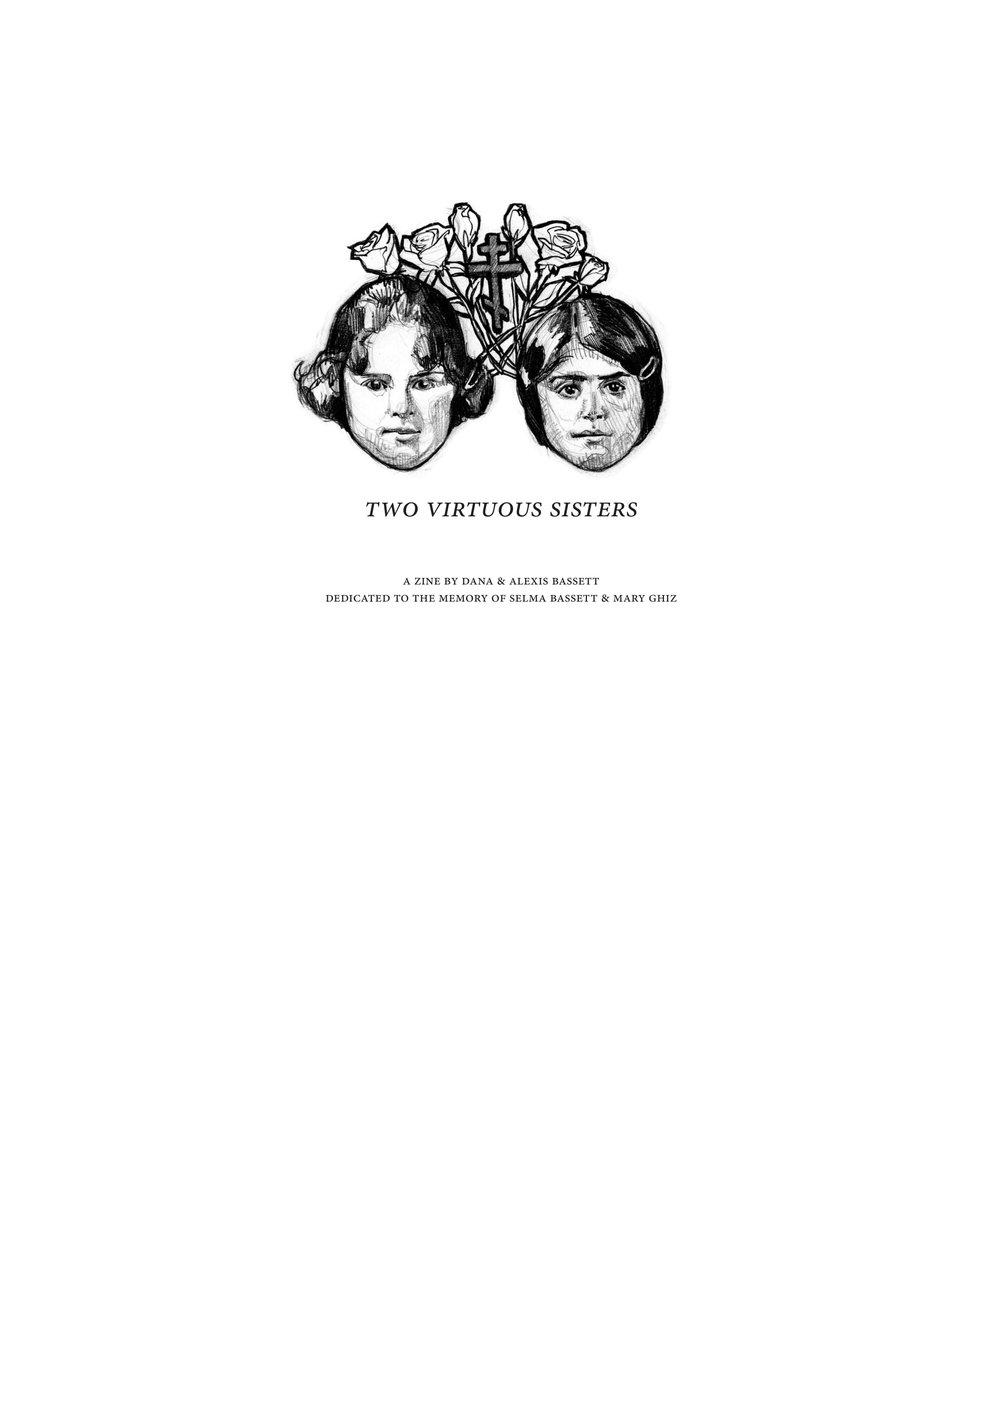 Two virtous sisters_FINALdraft-03.jpg